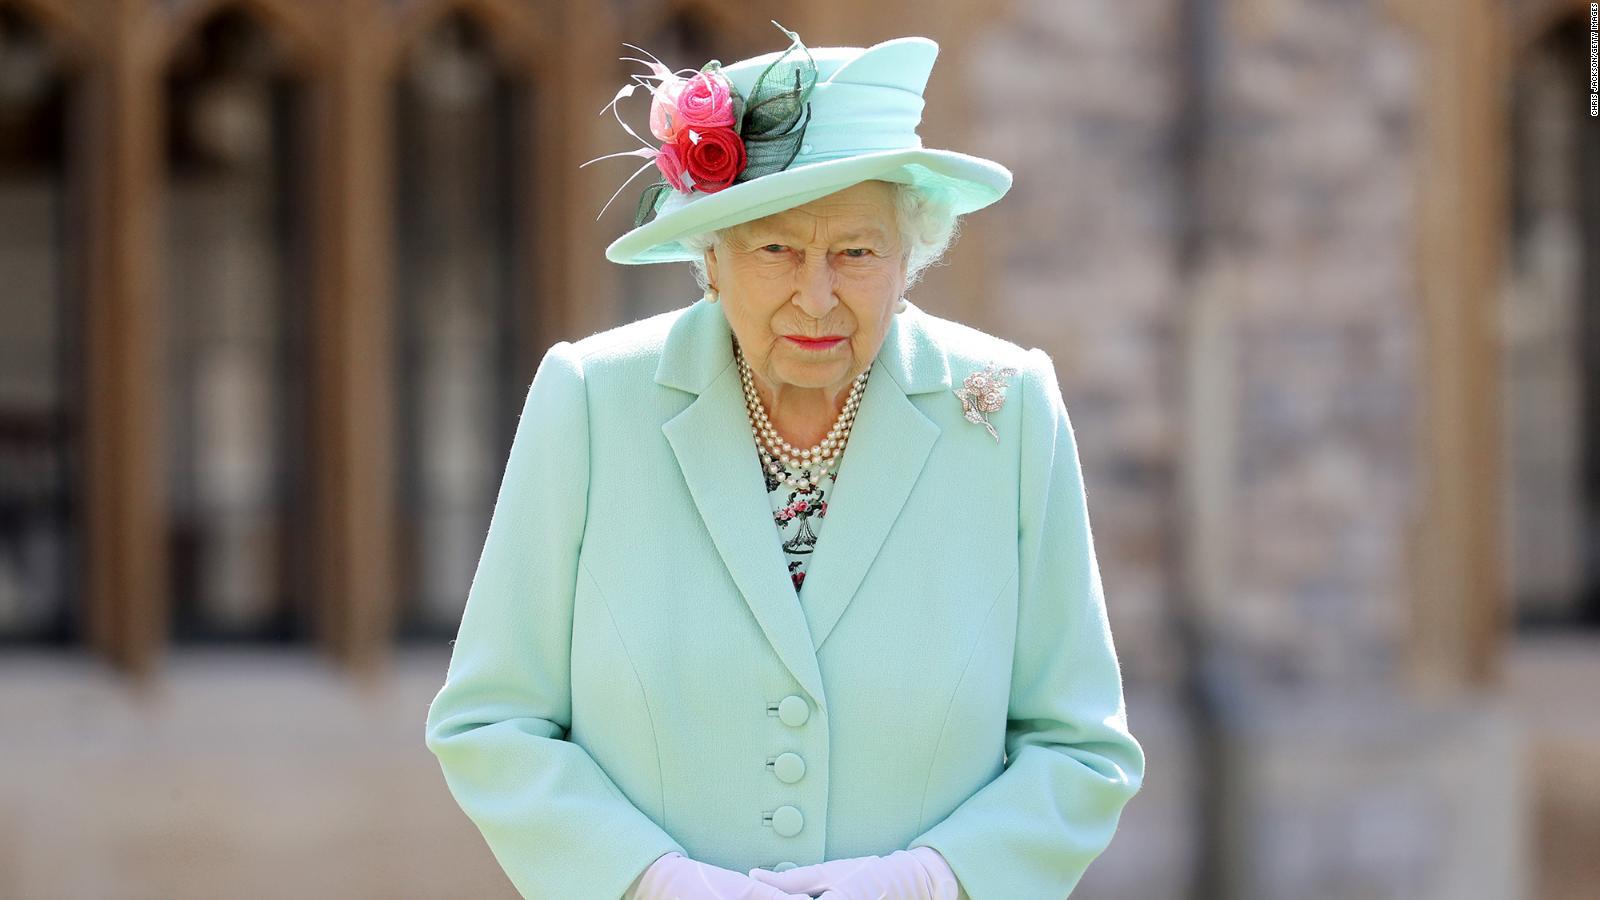 Contribuyentes compensarían el déficit en los ingresos de la familia real de Gran Bretaña